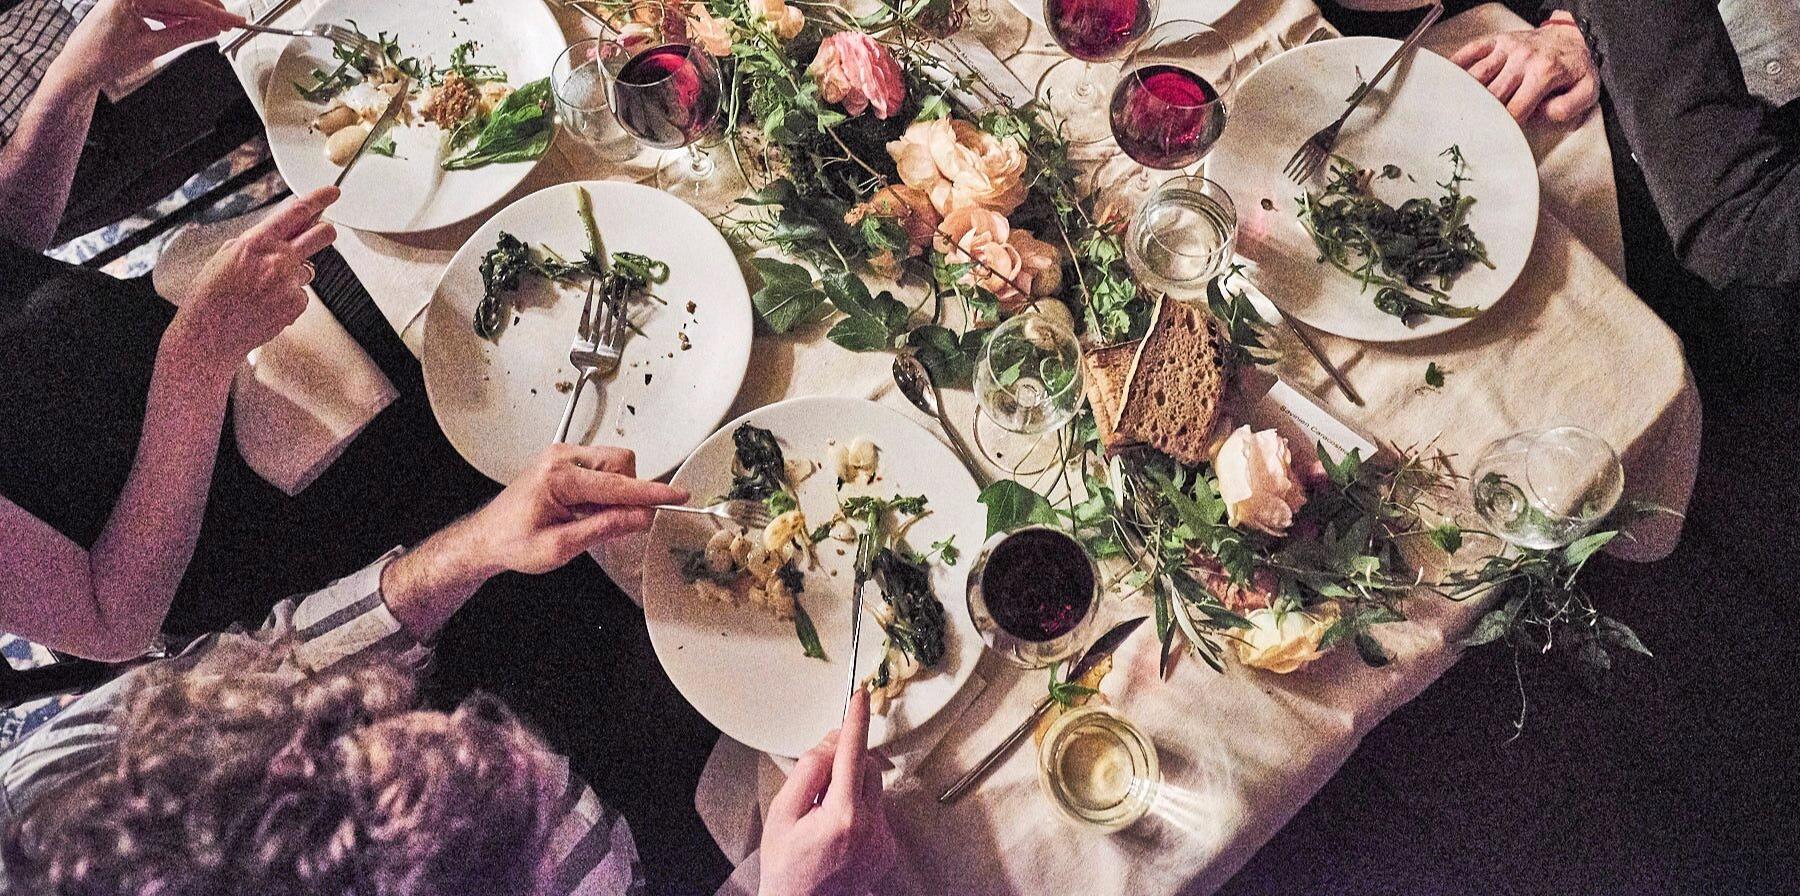 Renoir Sensorial Supper, The Explorers Club NYC